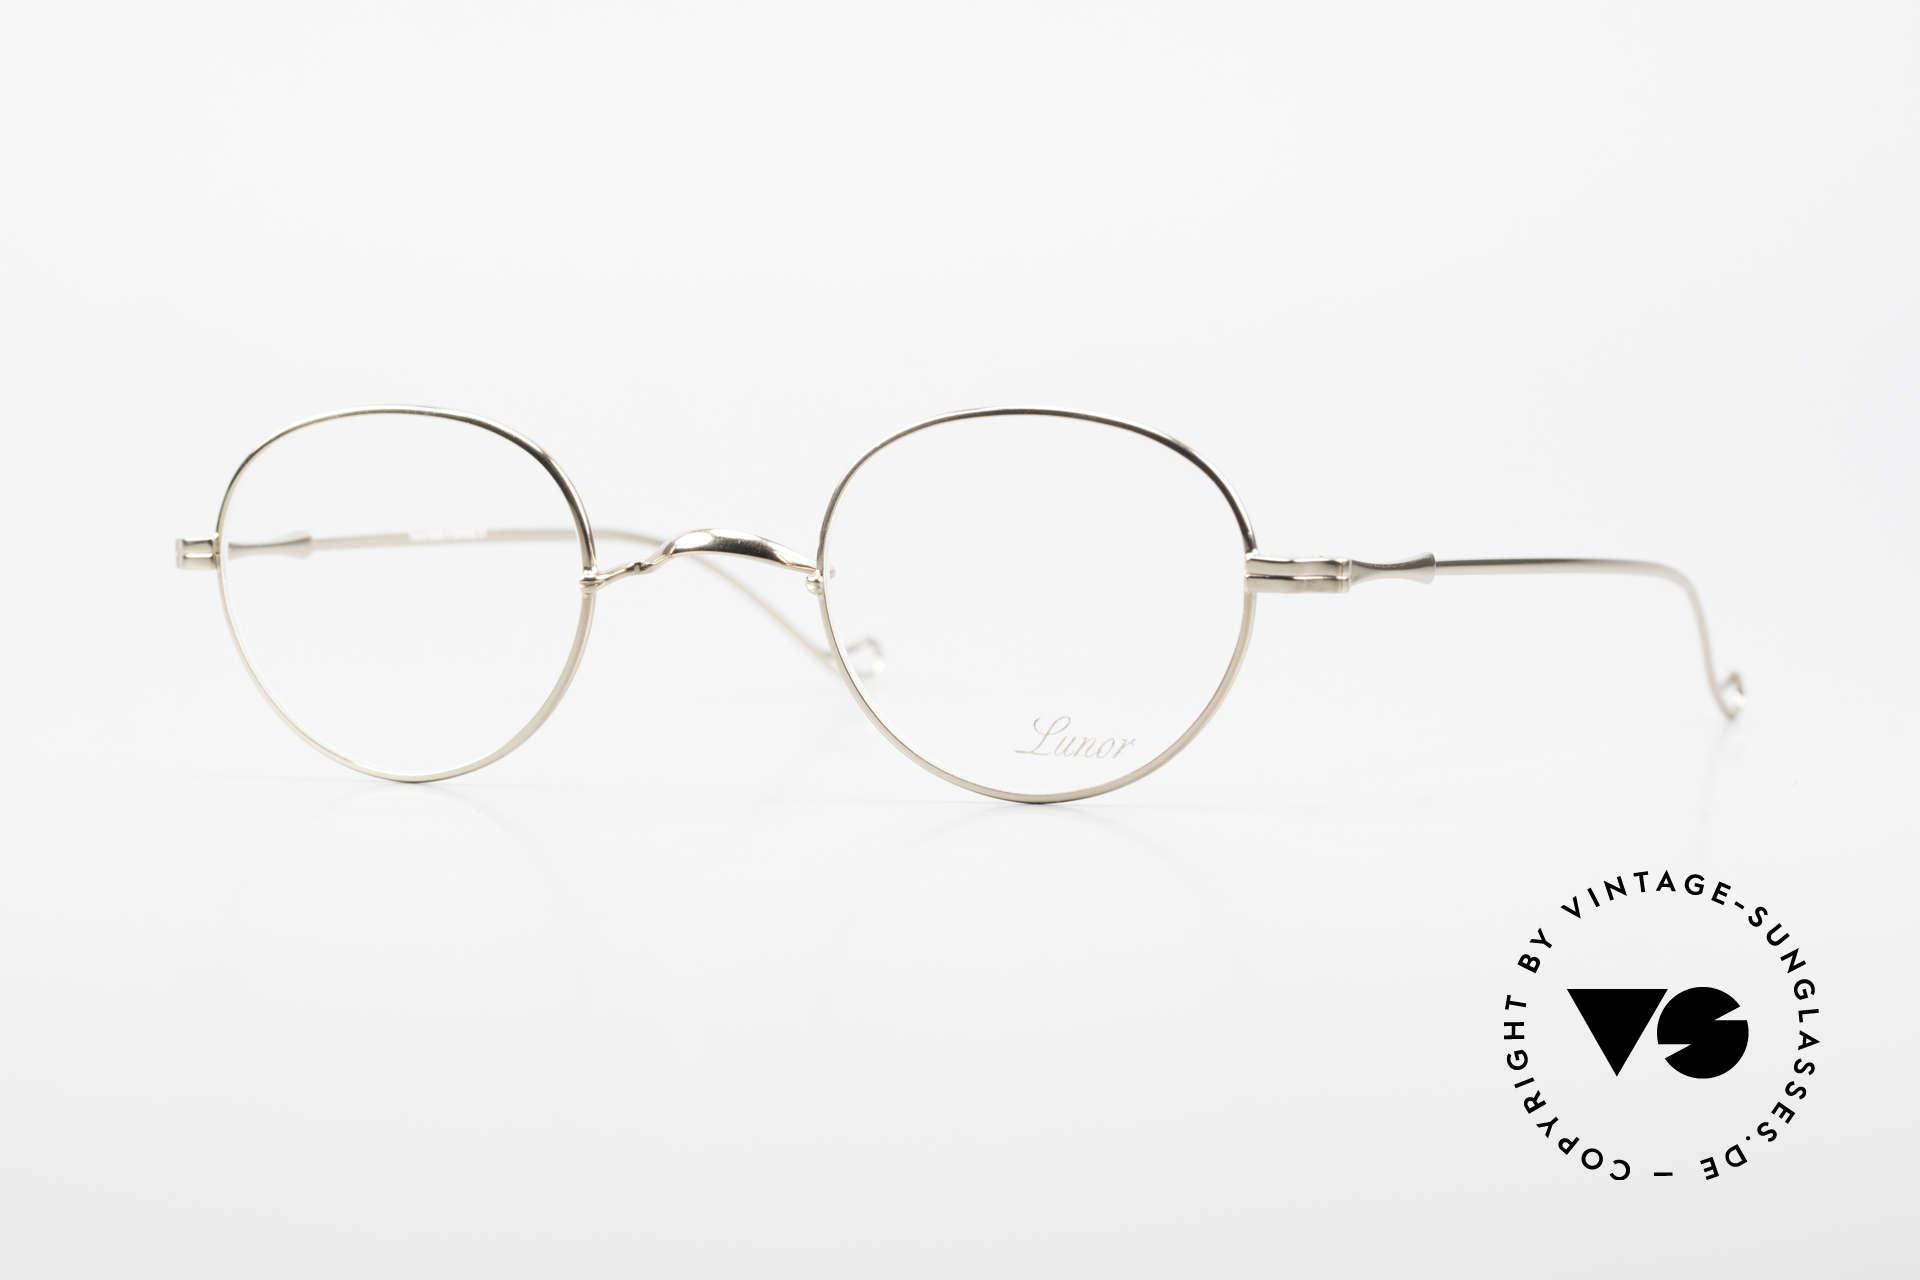 """Lunor II 22 Lunor Brille Vergoldet Panto, vintage Lunor Brille aus der alten Lunor """"II"""" Serie, Passend für Herren und Damen"""